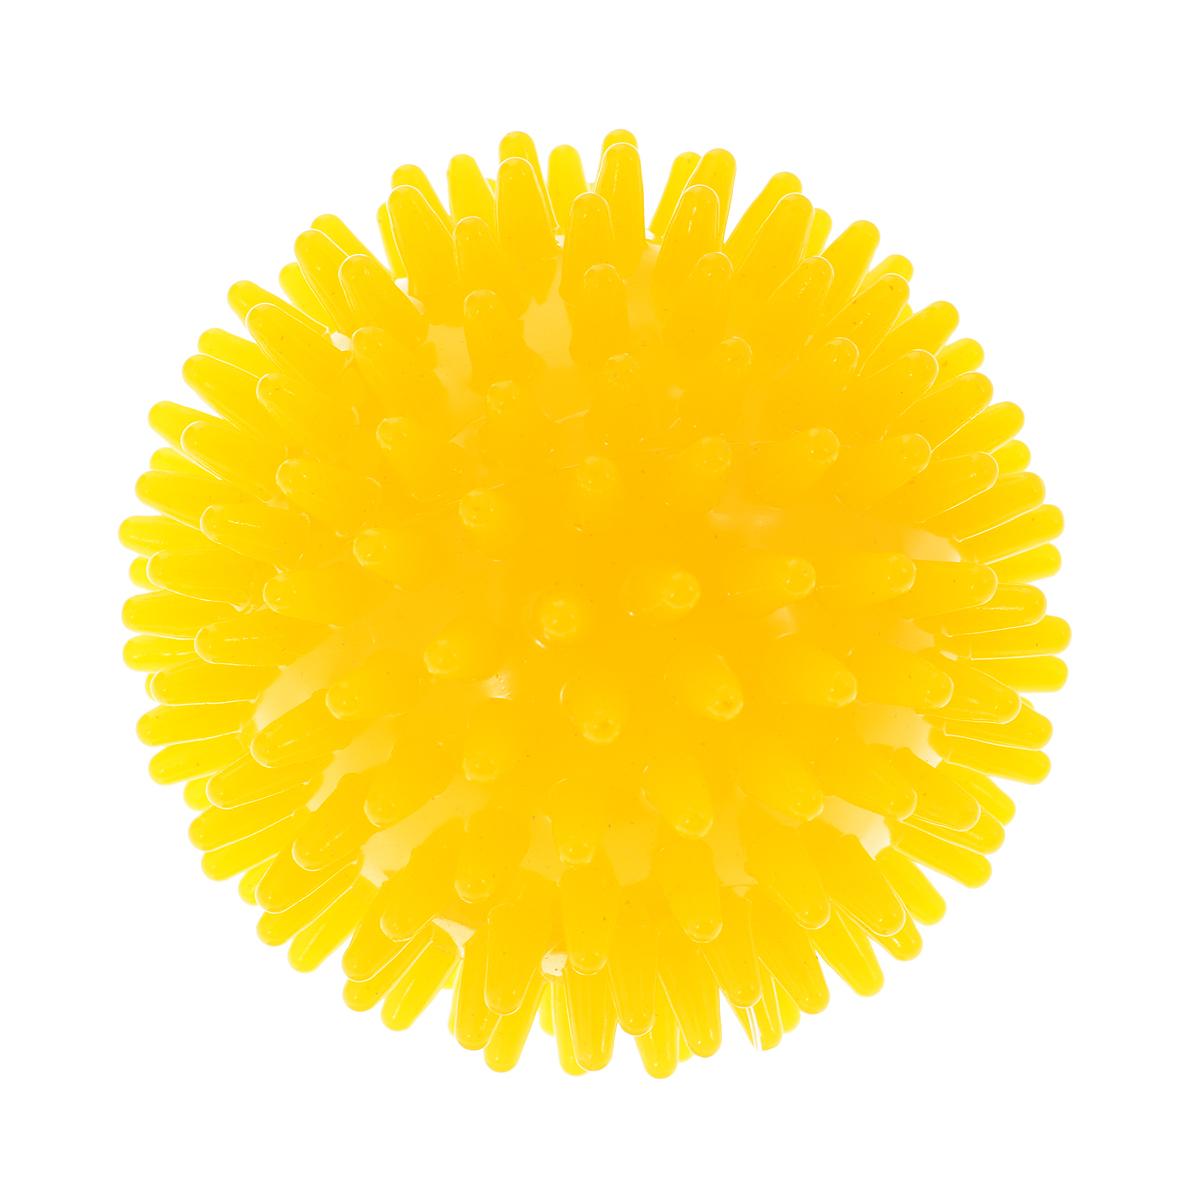 Игрушка для собак V.I.Pet Массажный мяч, цвет: желтый, диаметр 8 см0120710Игрушка для собак V.I.Pet Массажный мяч, изготовленная из ПВХ, предназначена для массажа и самомассажа рефлексогенных зон. Она имеет мягкие закругленные массажные шипы, эффективно массирующие и не травмирующие кожу. Игрушка не позволит скучать вашему питомцу ни дома, ни на улице.Диаметр: 8 см.